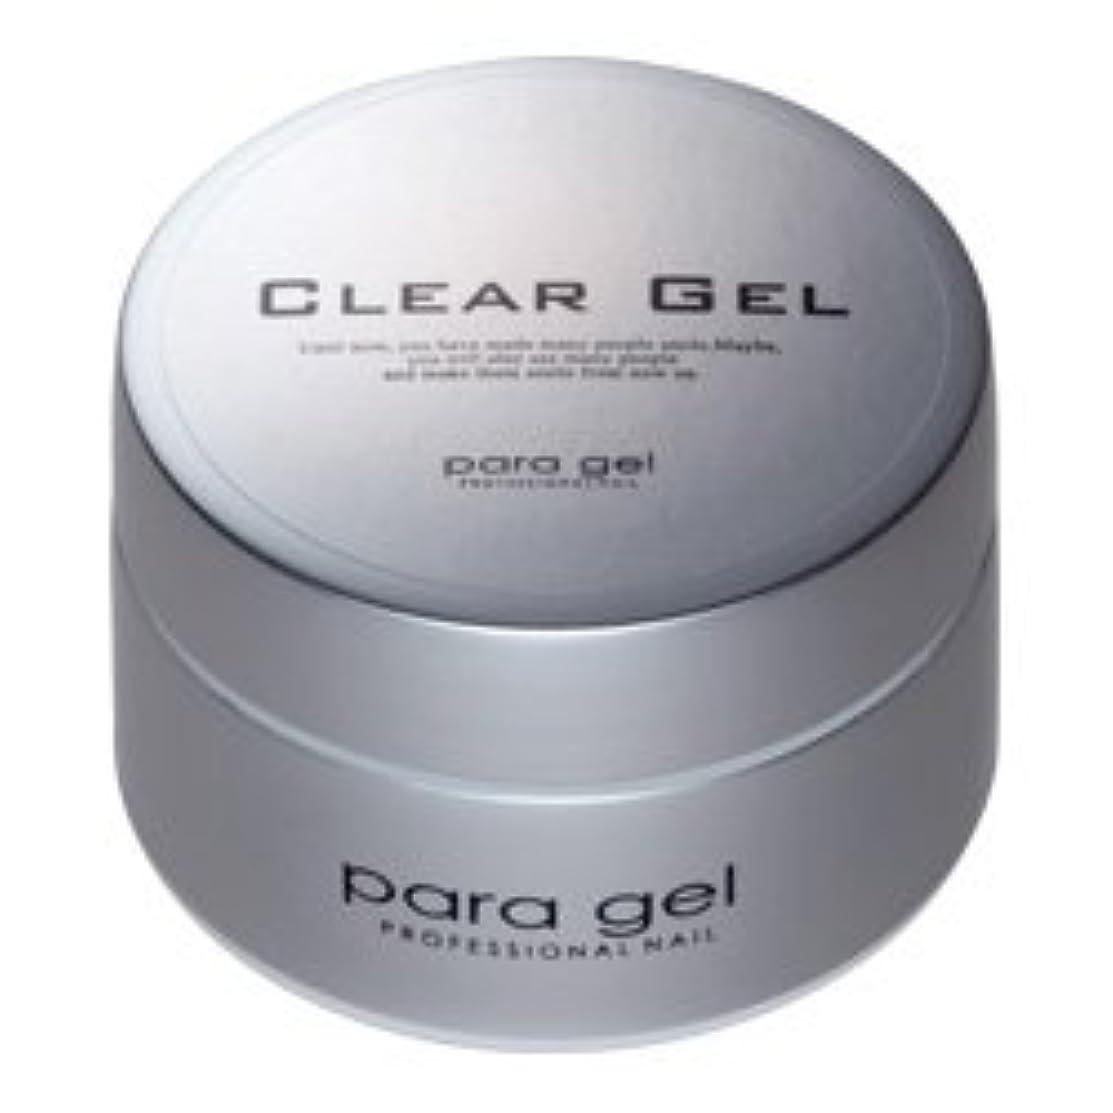 マウント南極合理的★para gel(パラジェル) <BR>クリアジェル 10g